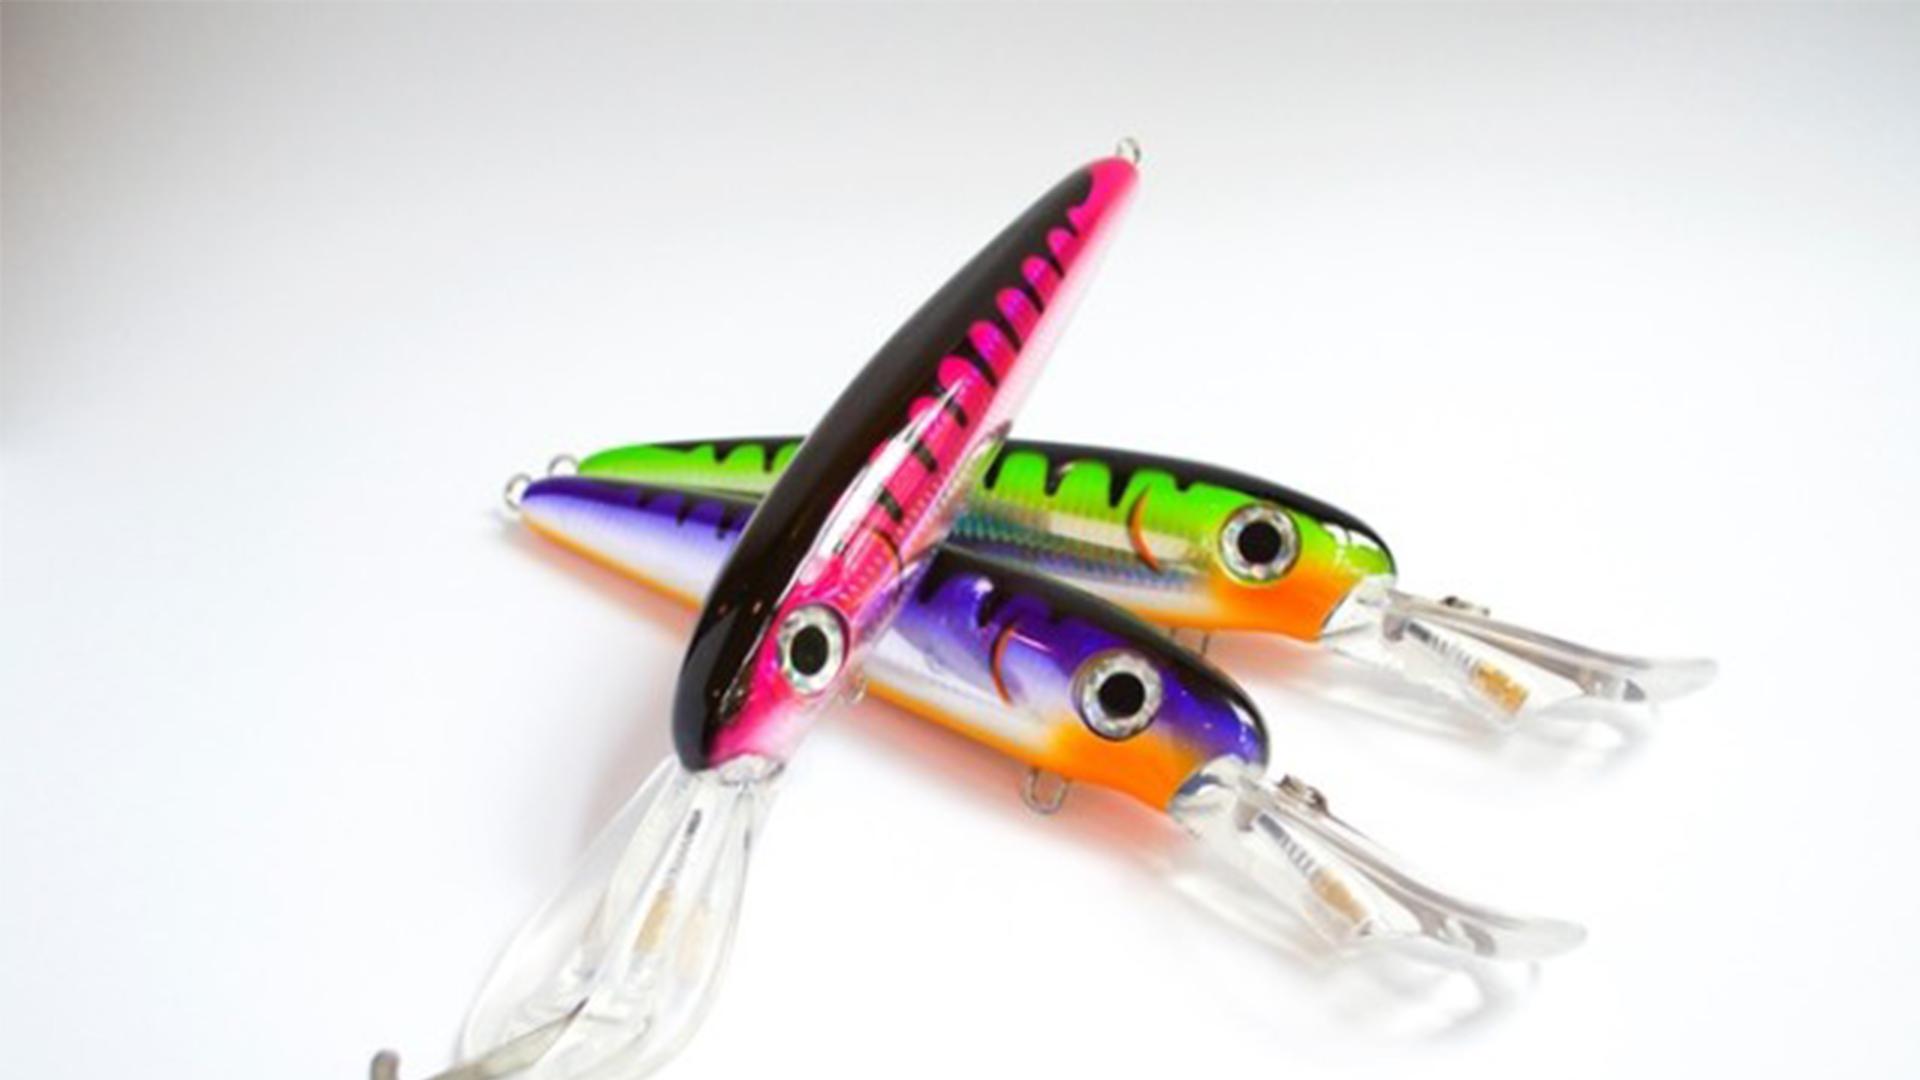 【智能界大百科】这款专业鱼竿让你轻松钓大鱼